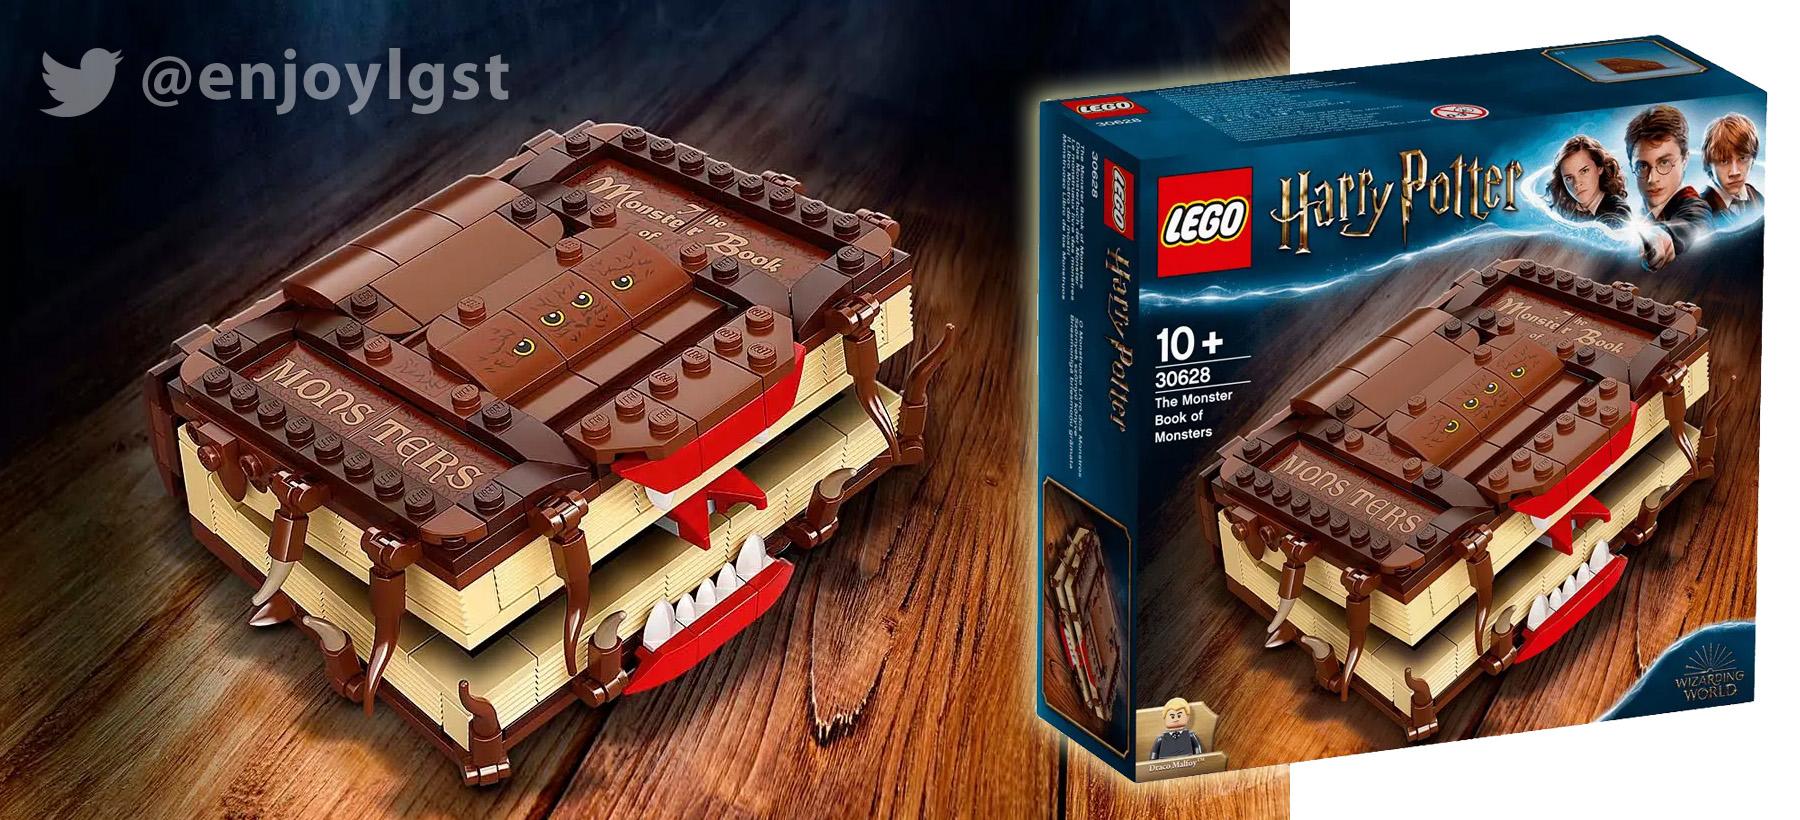 レゴ「30628 ハリー・ポッター 怪物的な怪物の本」新製品公式画像と説明書登場